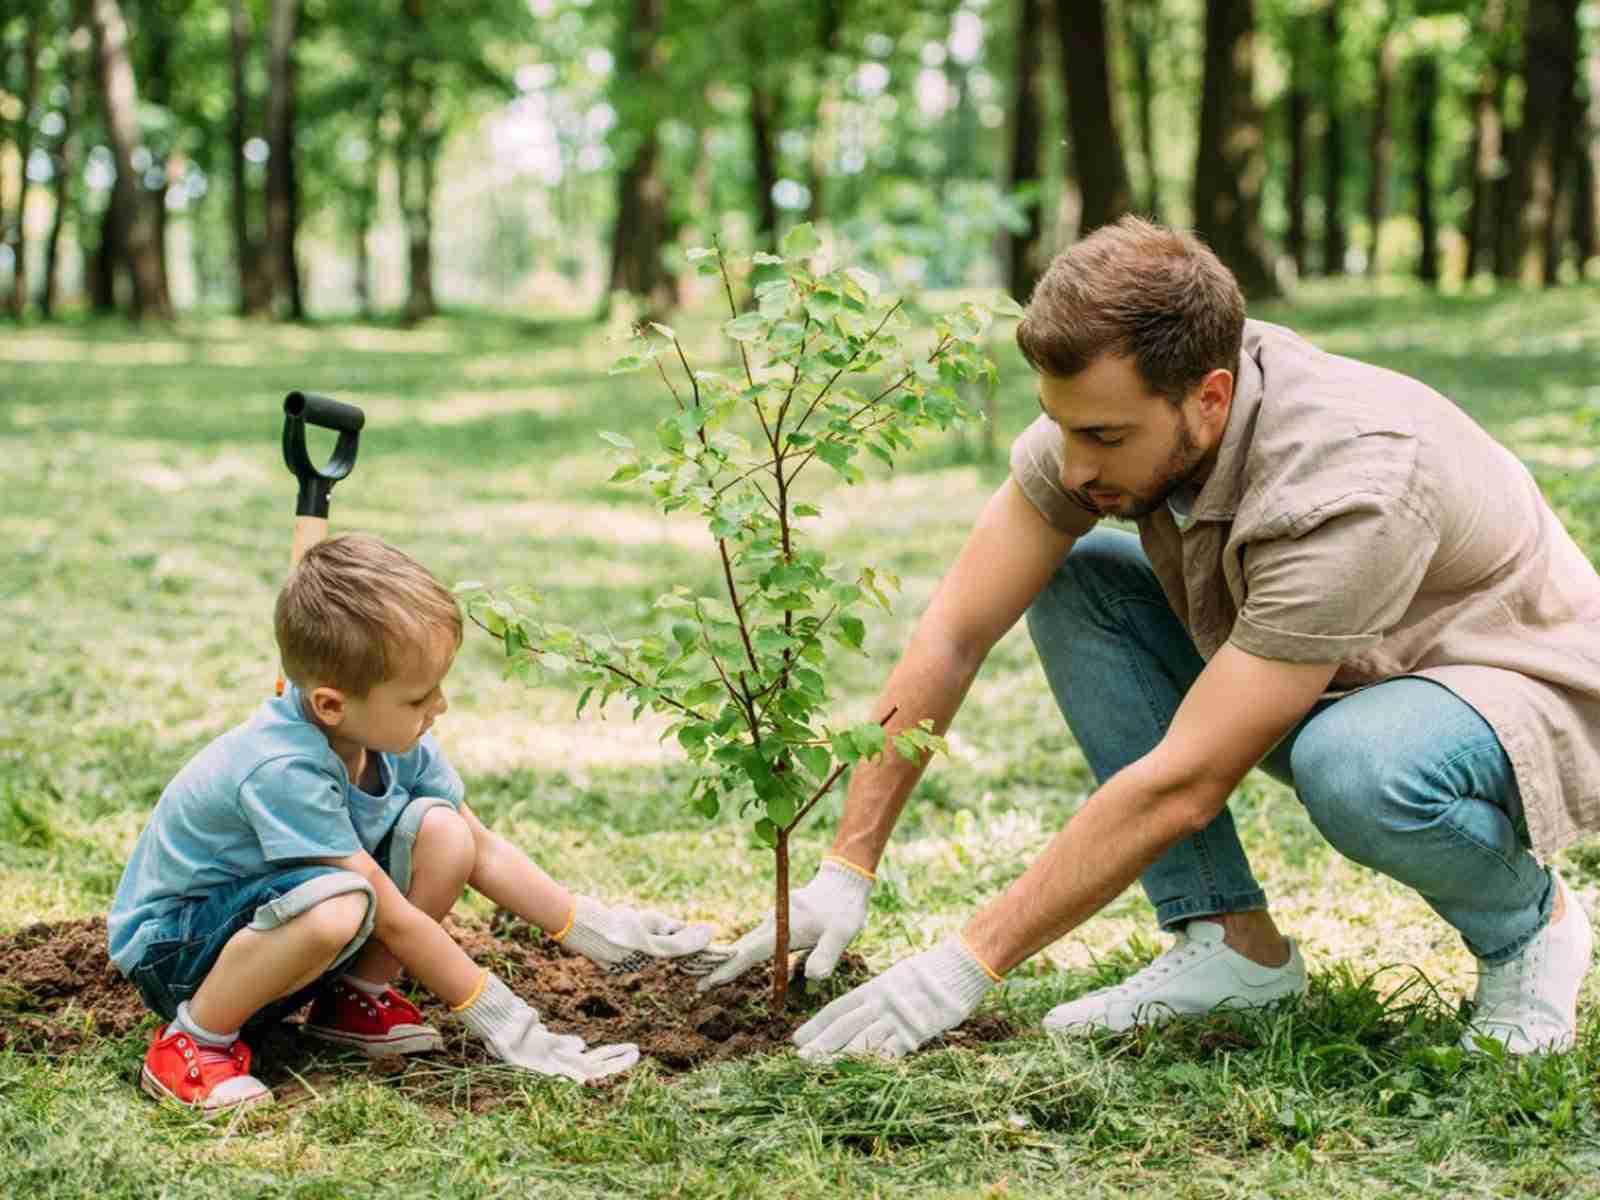 14 Memorial Tree Companies People Love